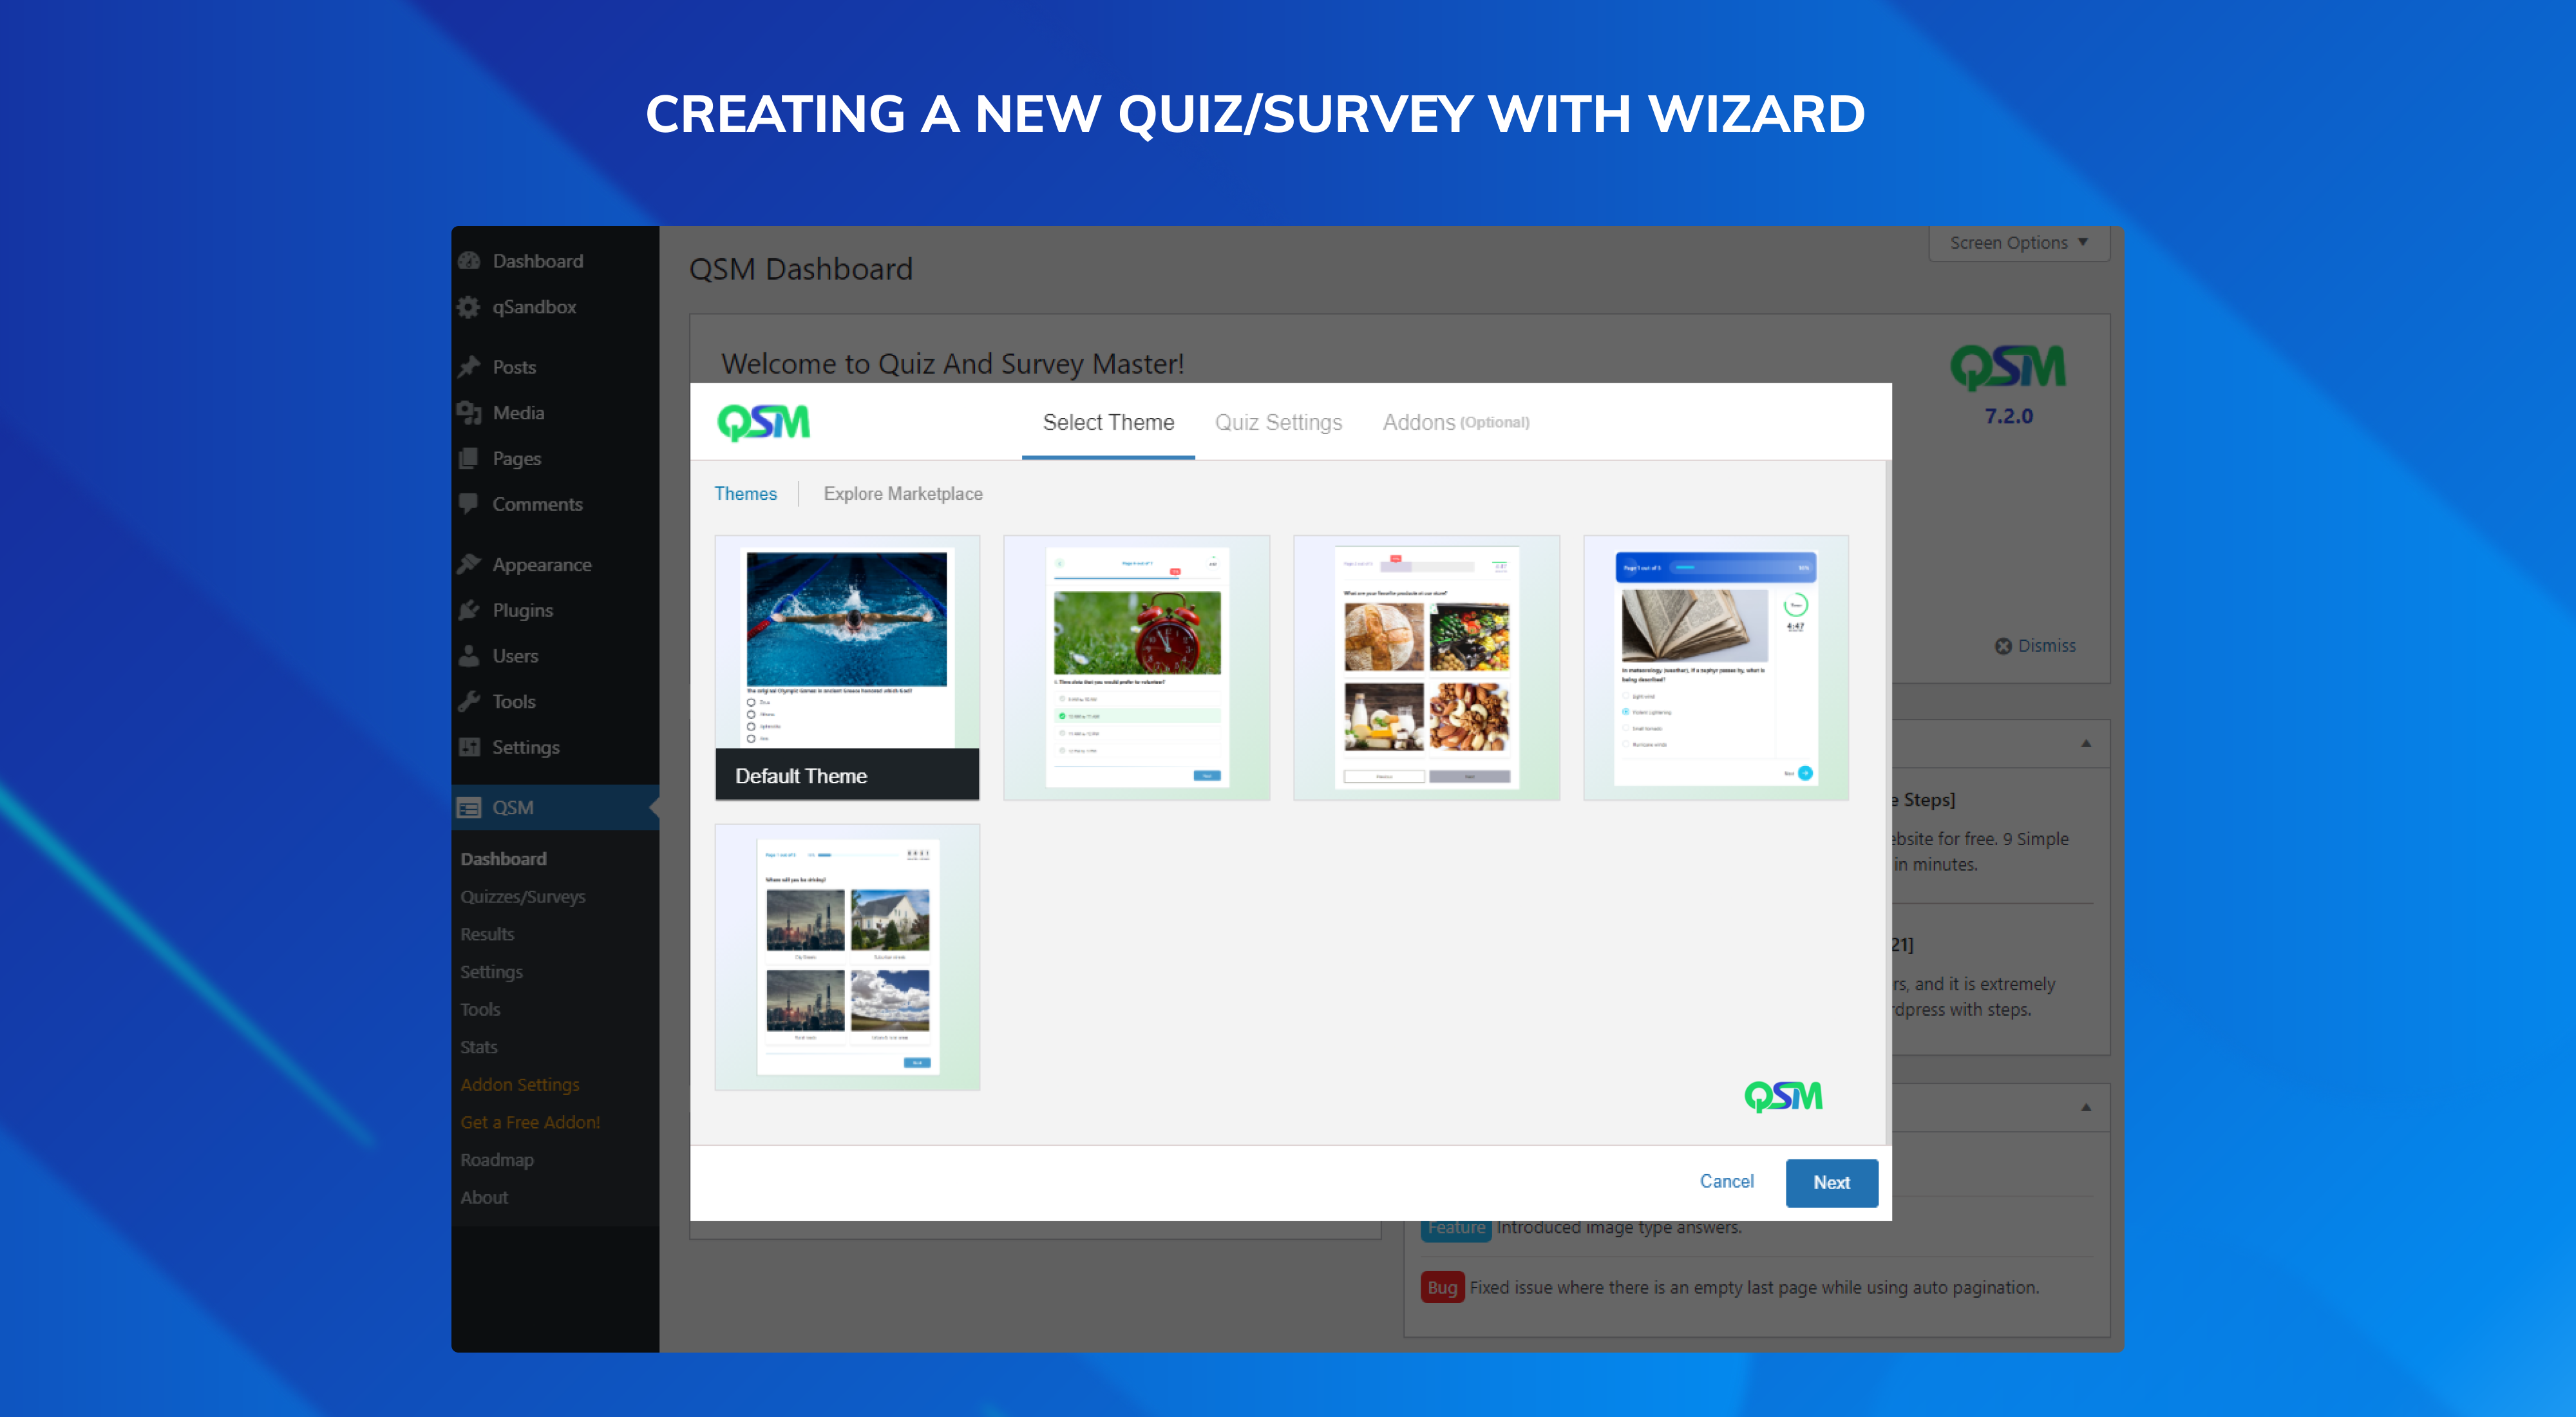 クイズやアンケート機能を追加するプラグイン「Quiz And Survey Master – Best Quiz Plugin for WordPress」|Knowledge Base